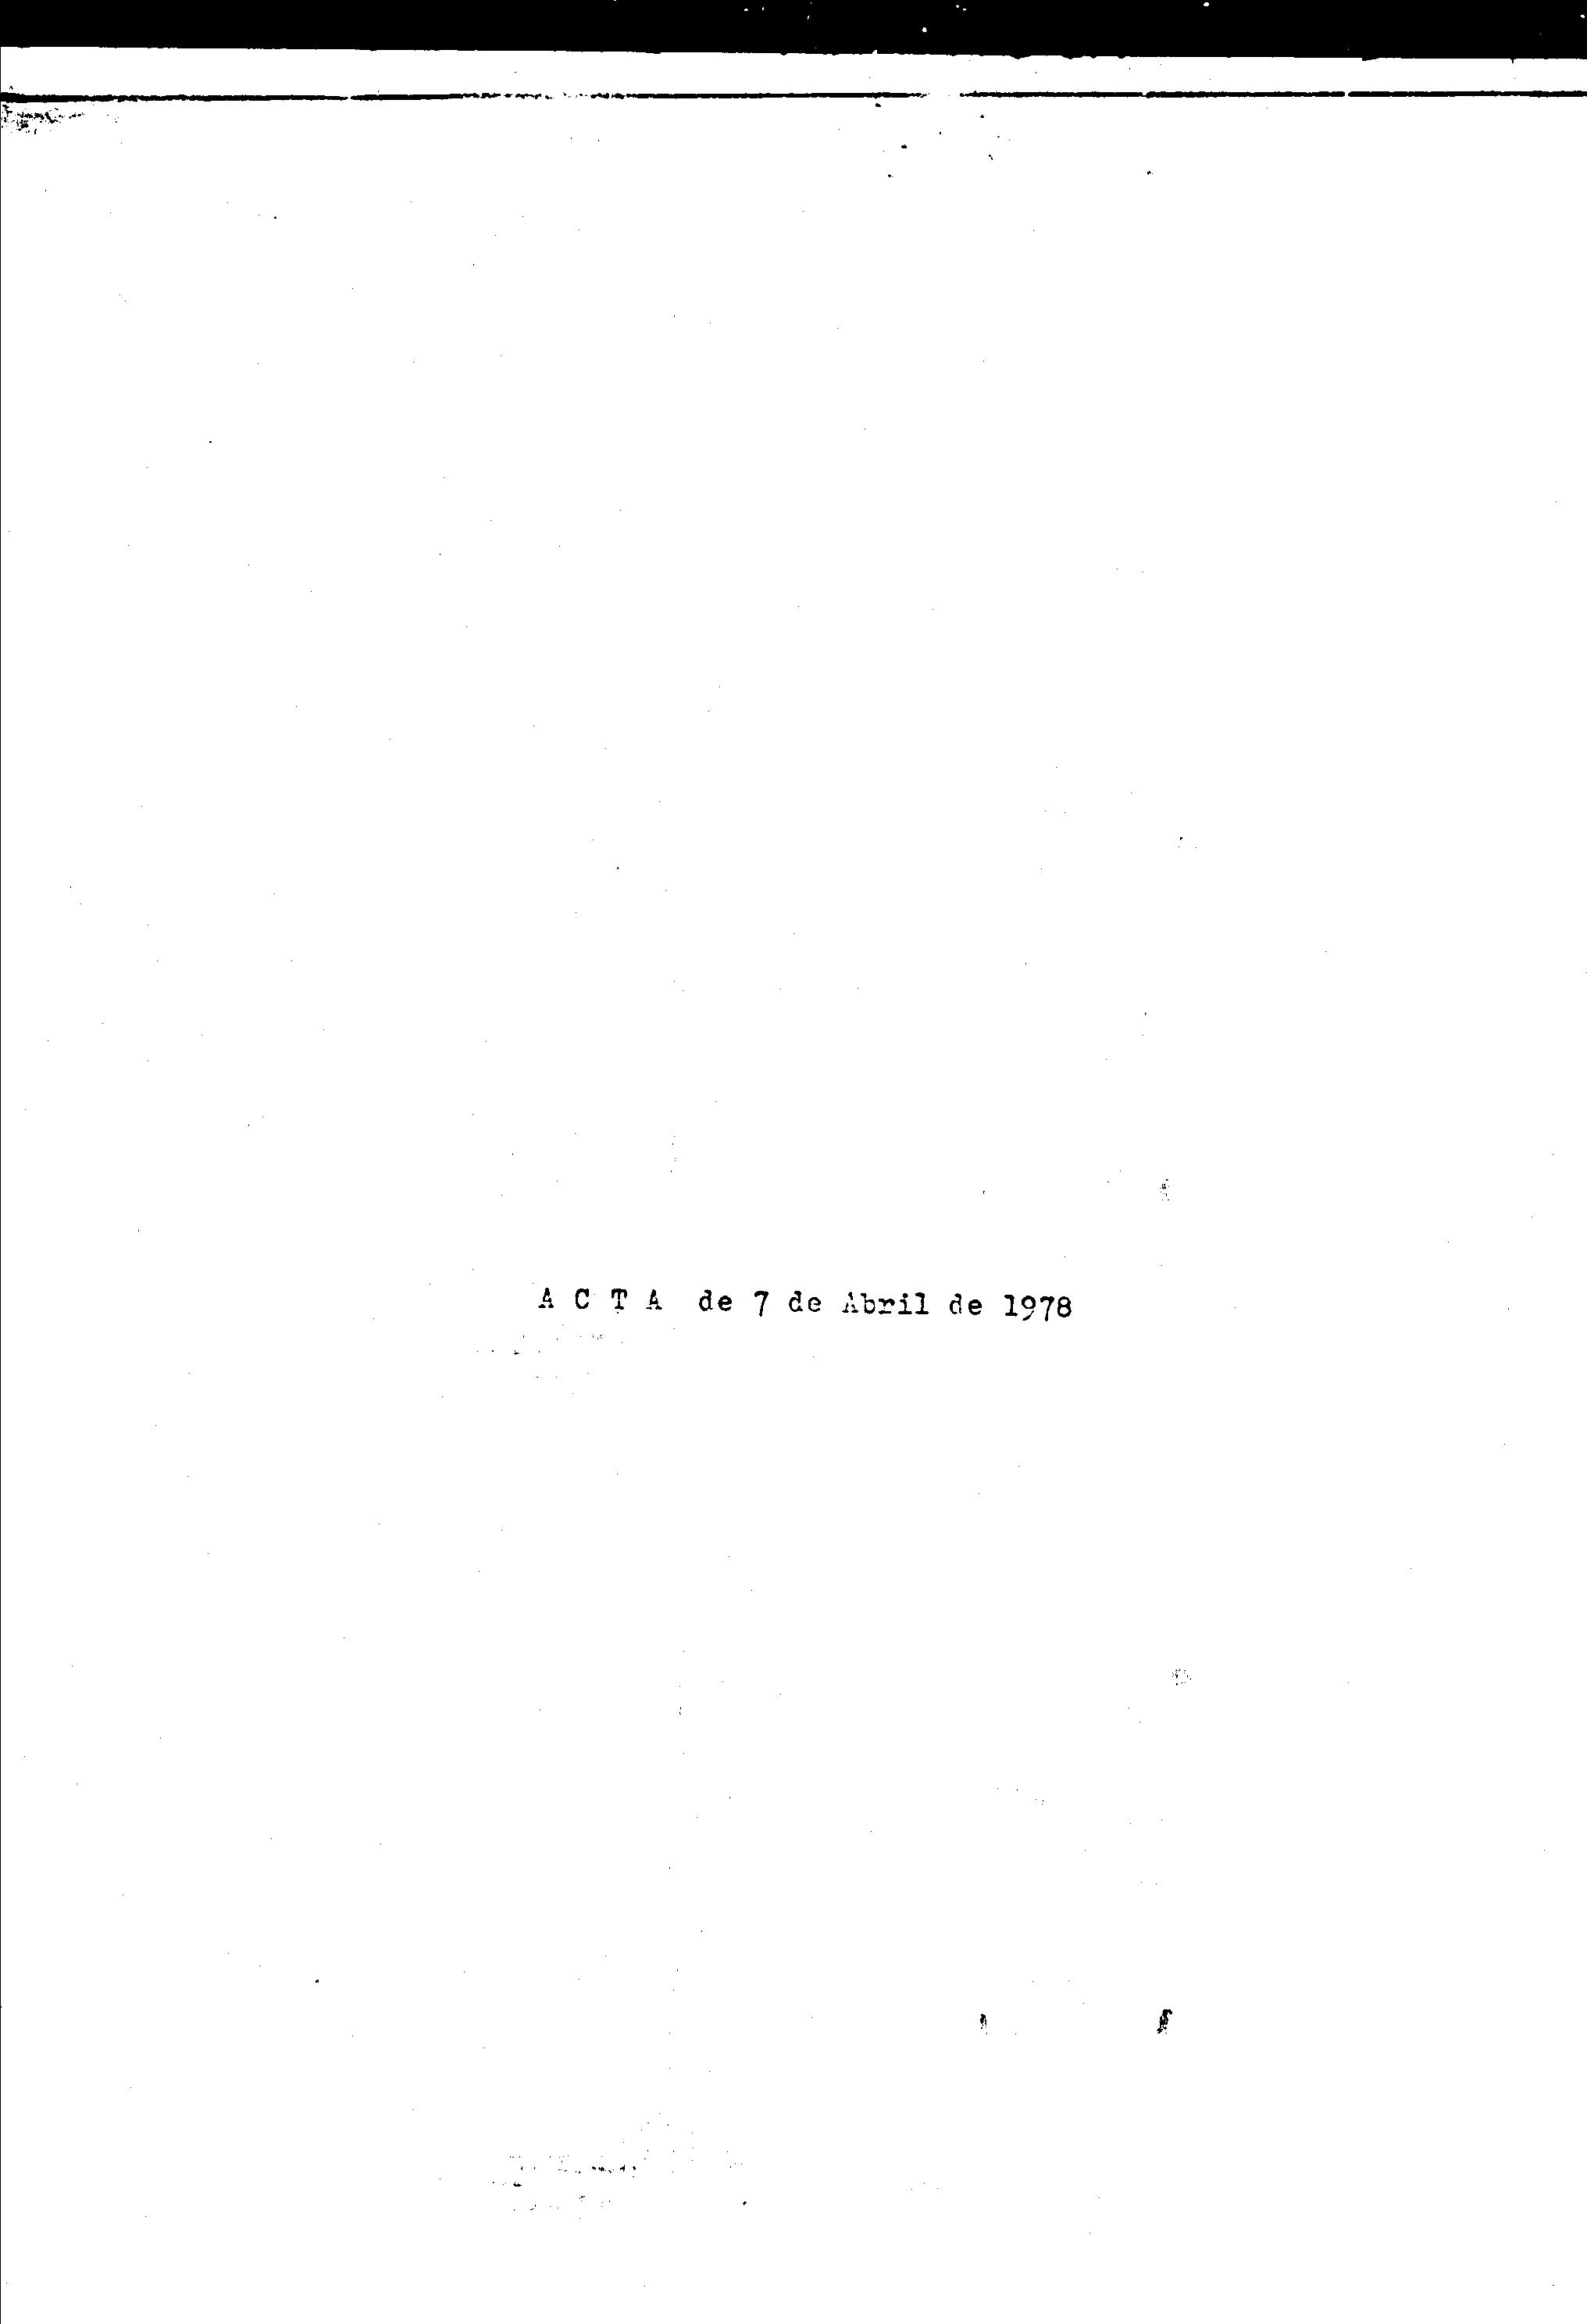 02975.153- pag.1